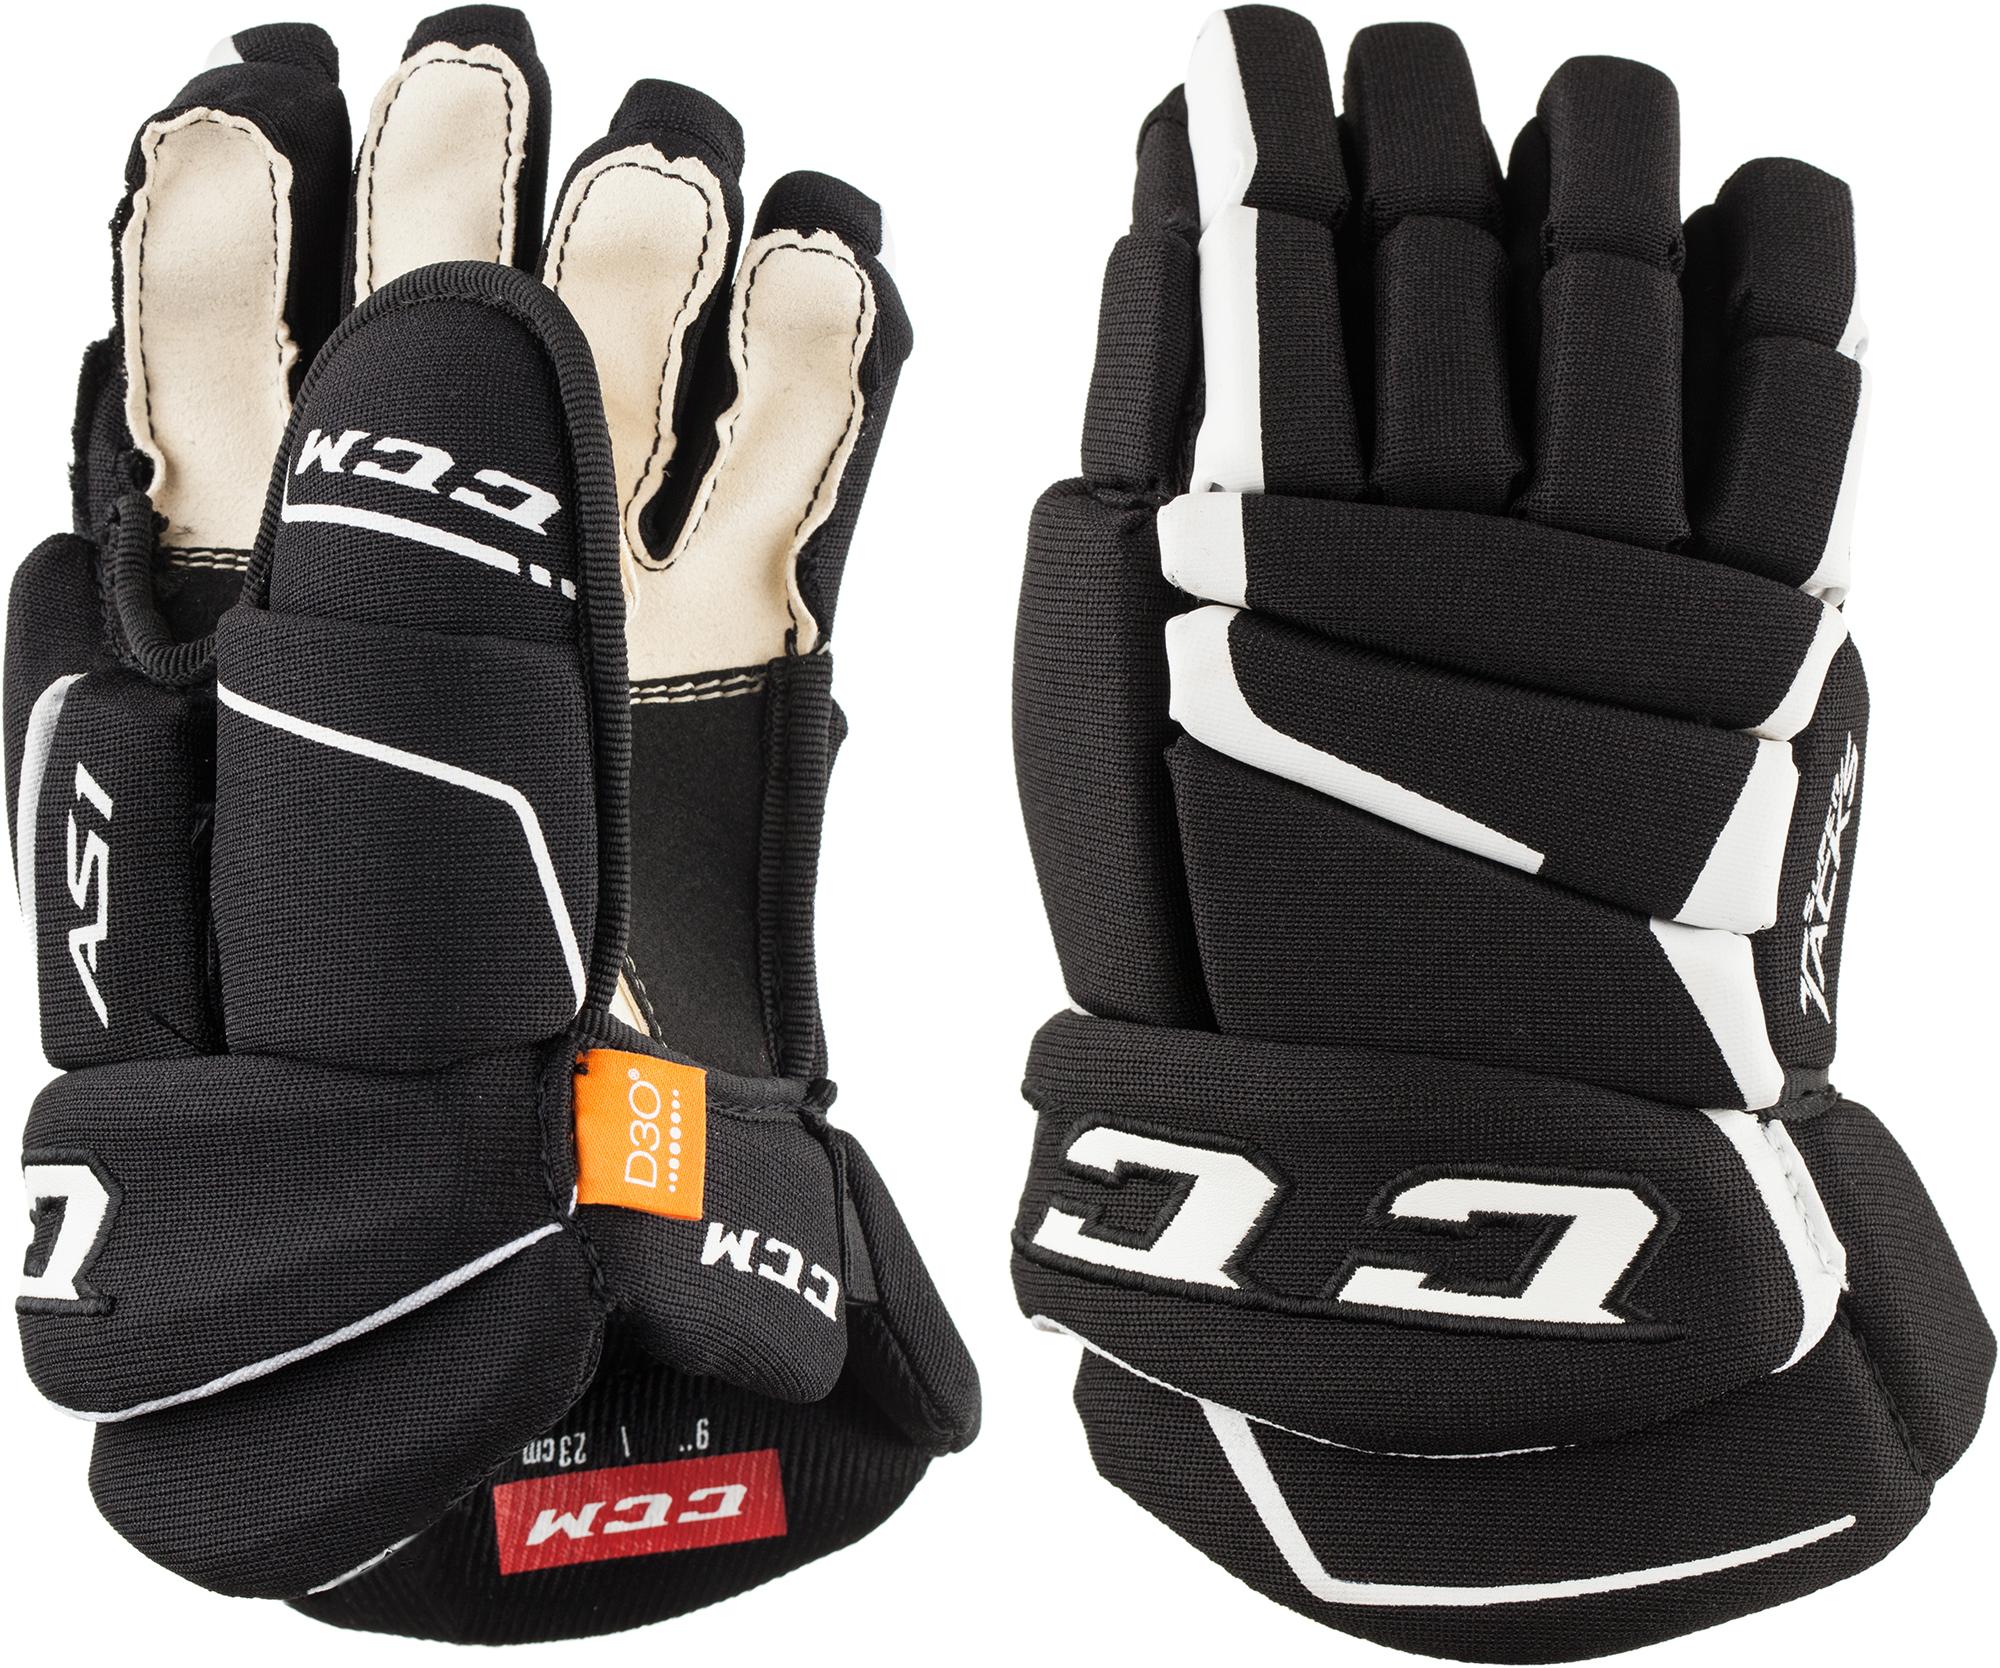 CCM Перчатки хоккейные детские CCM HGAS1 YTH ccm перчатки хоккейные ccm ccm js 350 размер 13